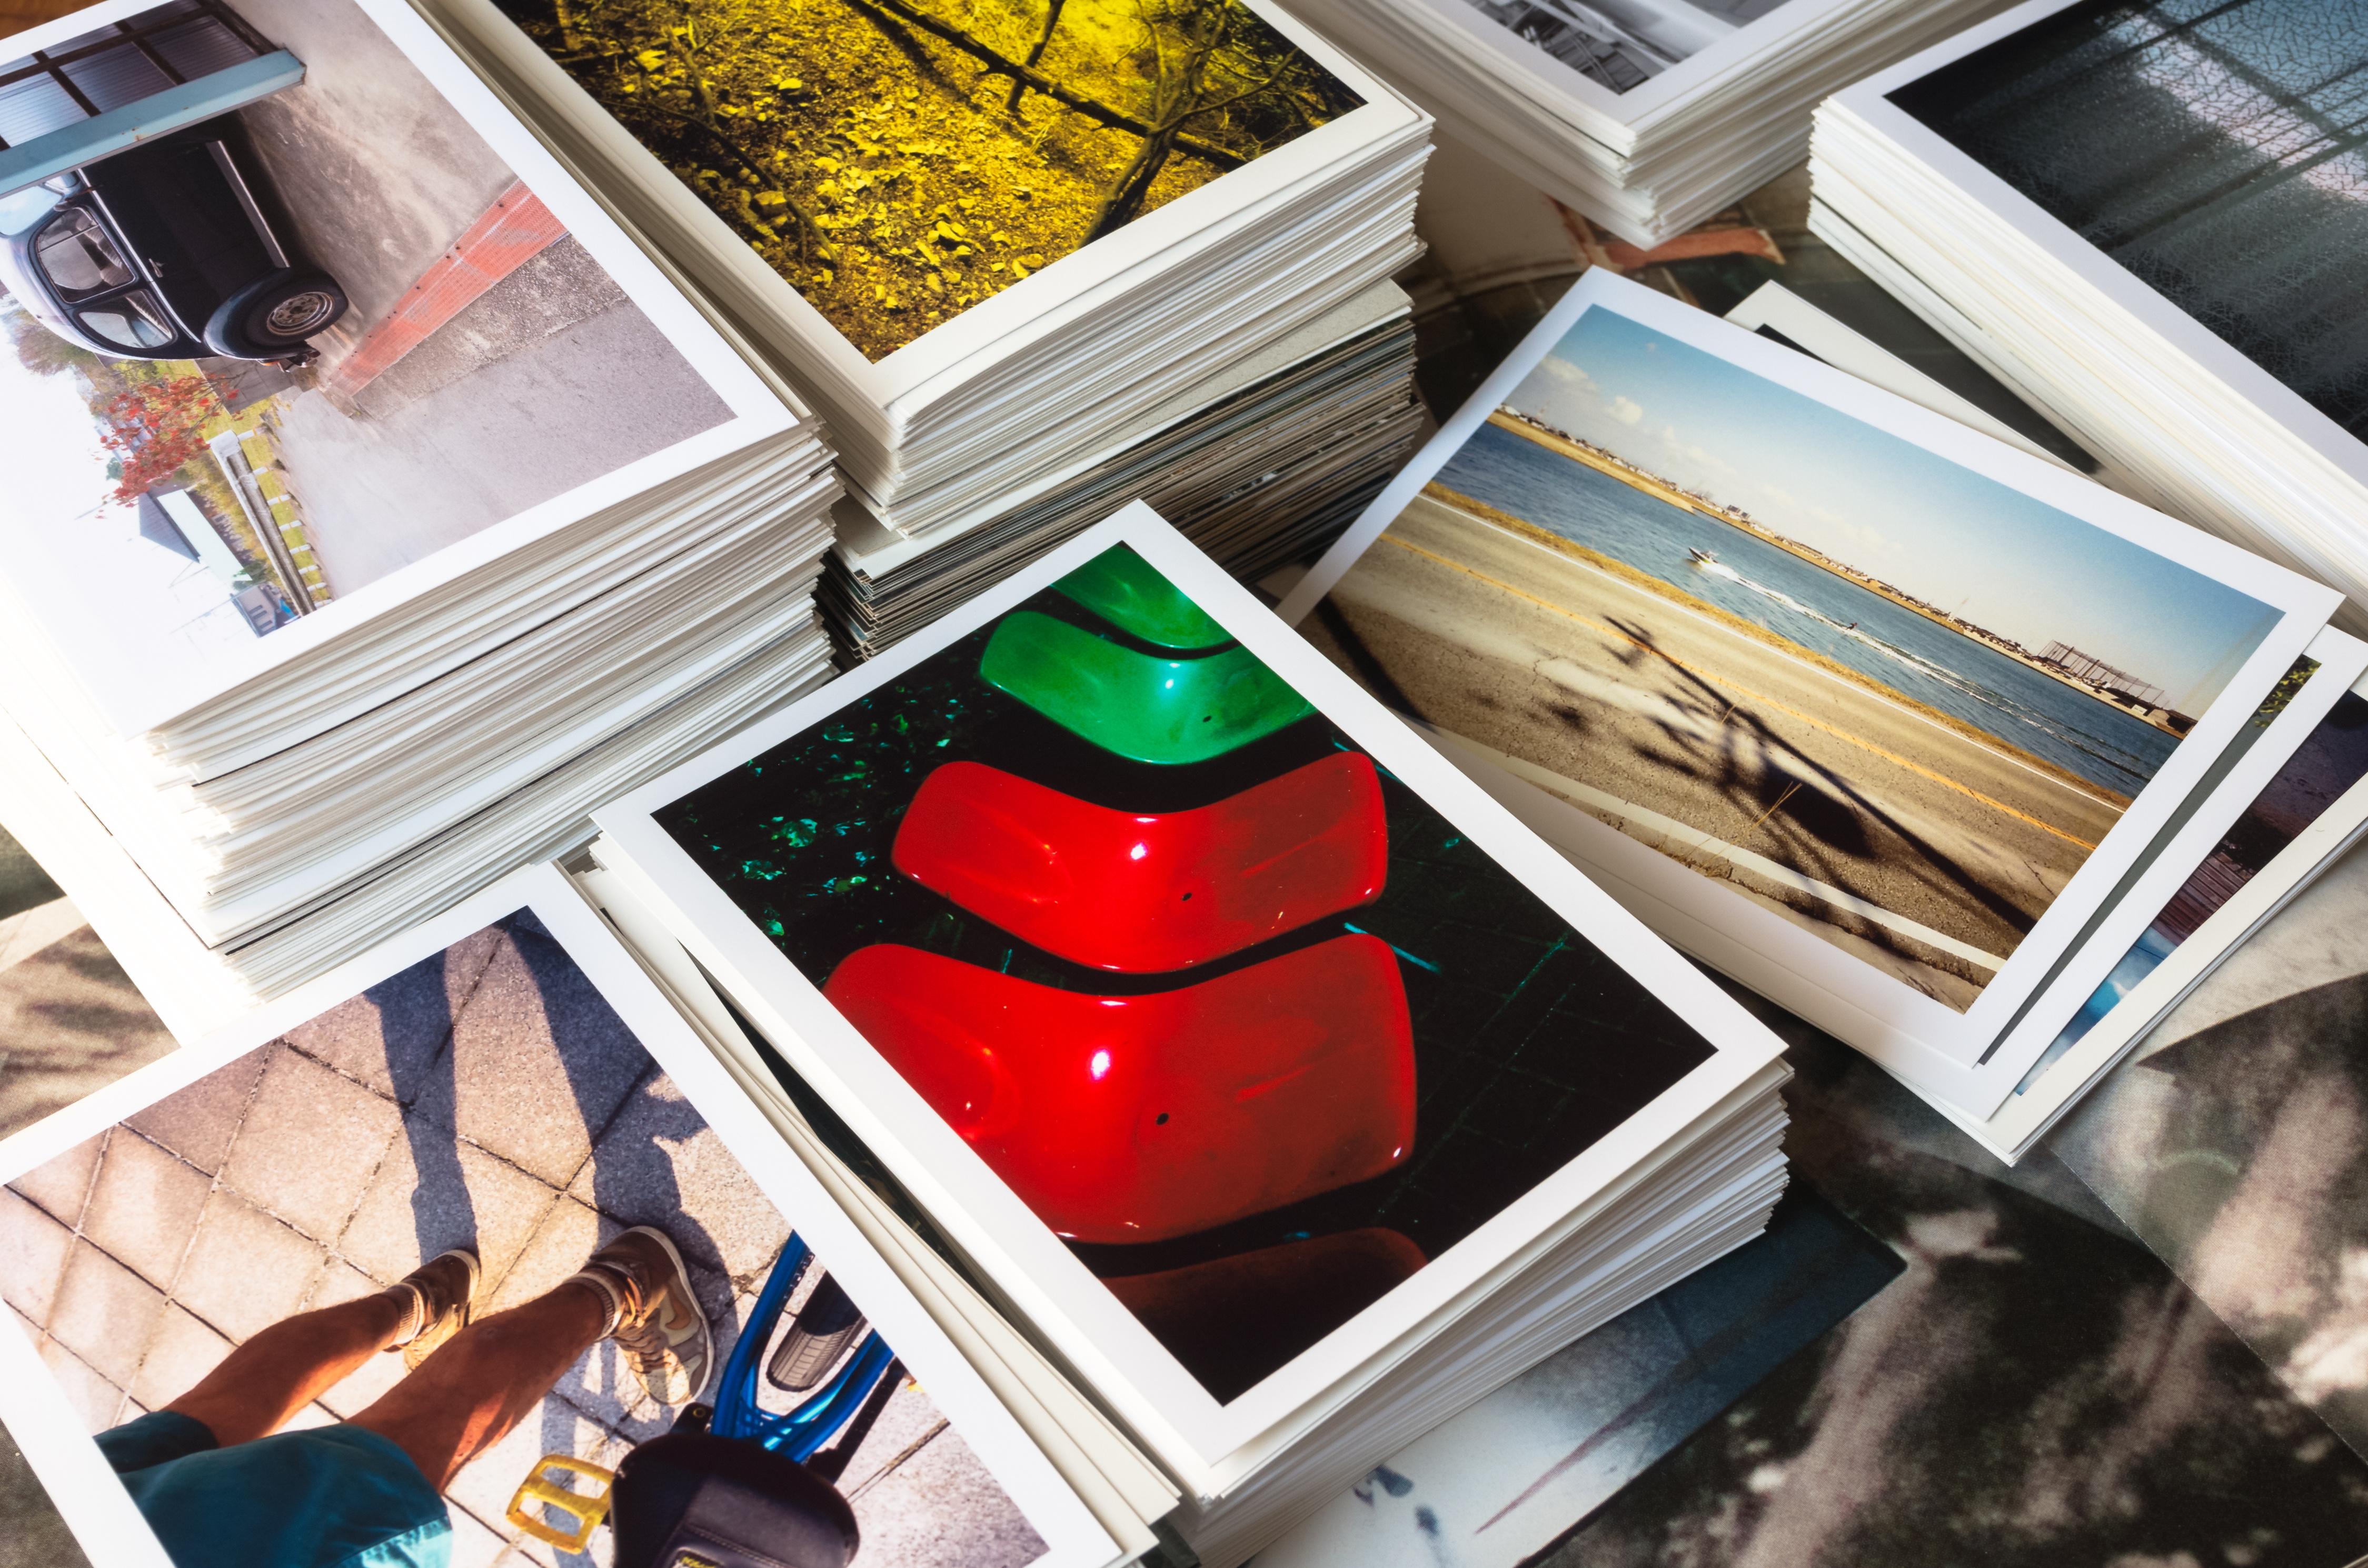 10x15 fotod - telli pildid Prindipoest